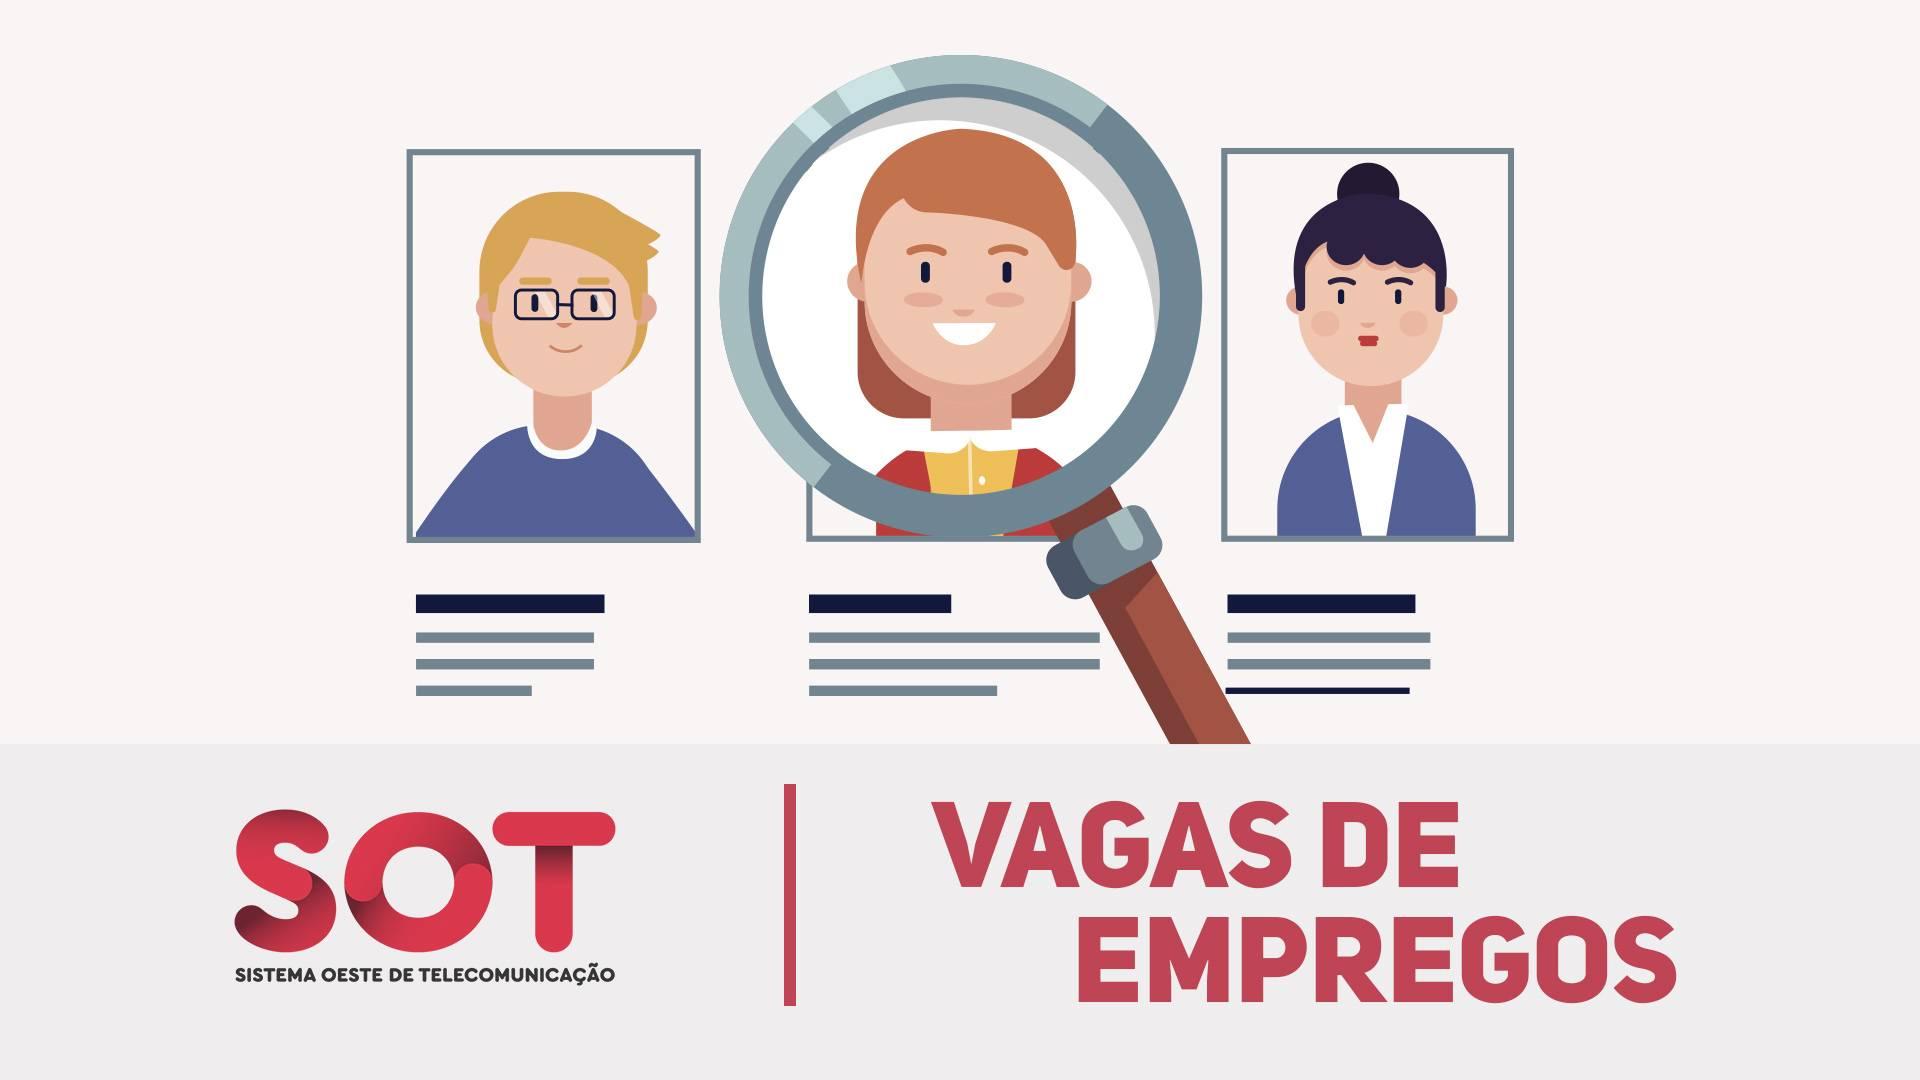 Vagas de Empregos: Veja as principais oportunidades disponíveis nesta terça-feira (04/05)